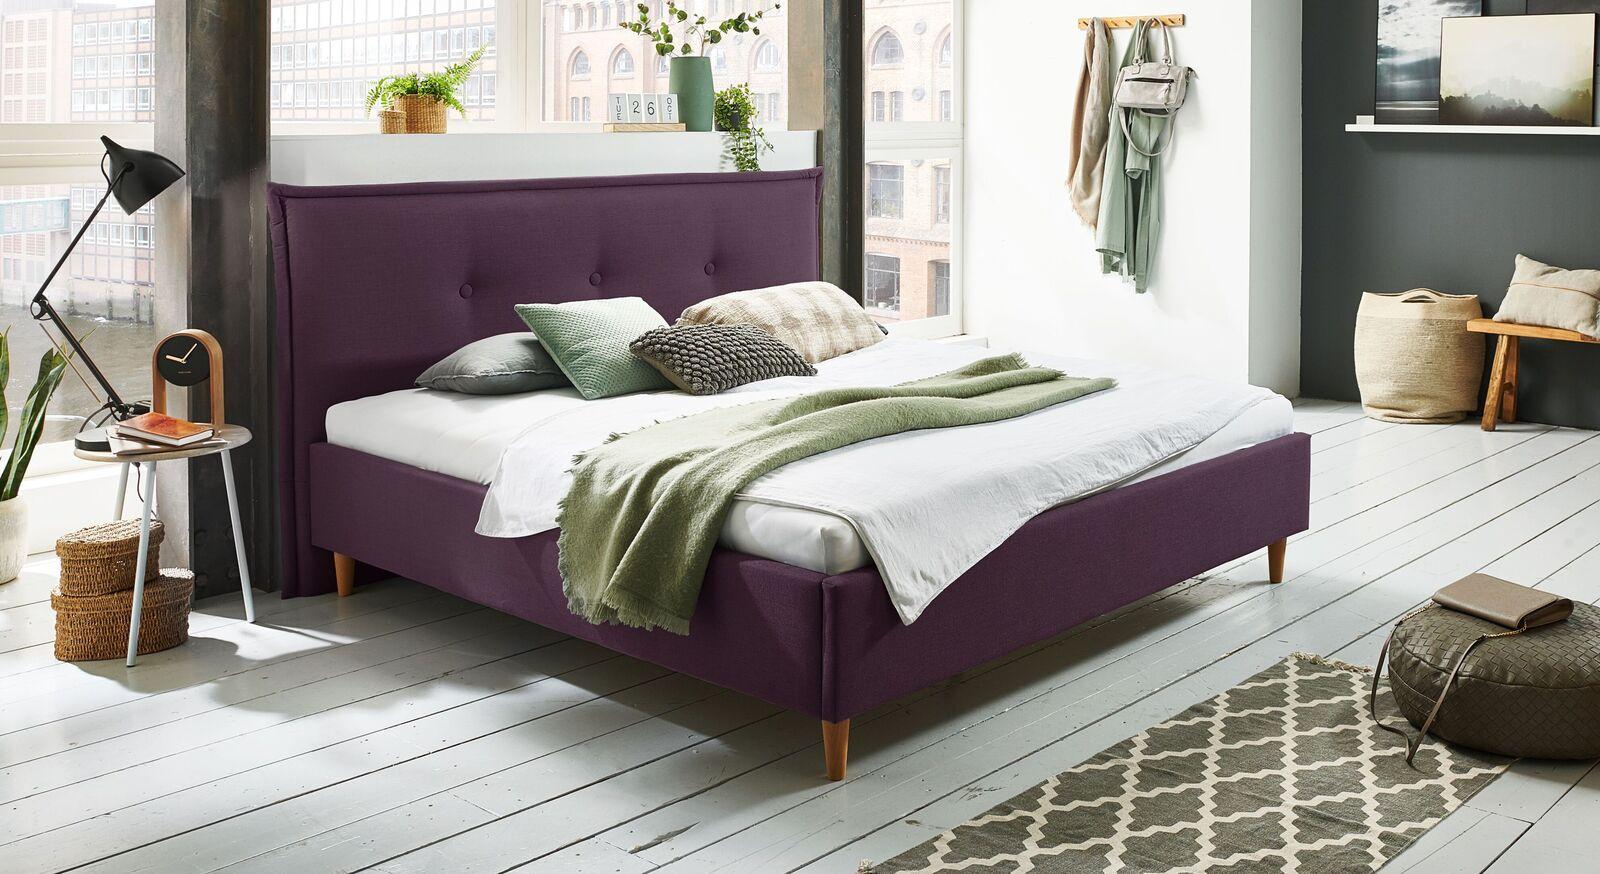 Bett Indore mit hochwertigem Webstoff in Beere